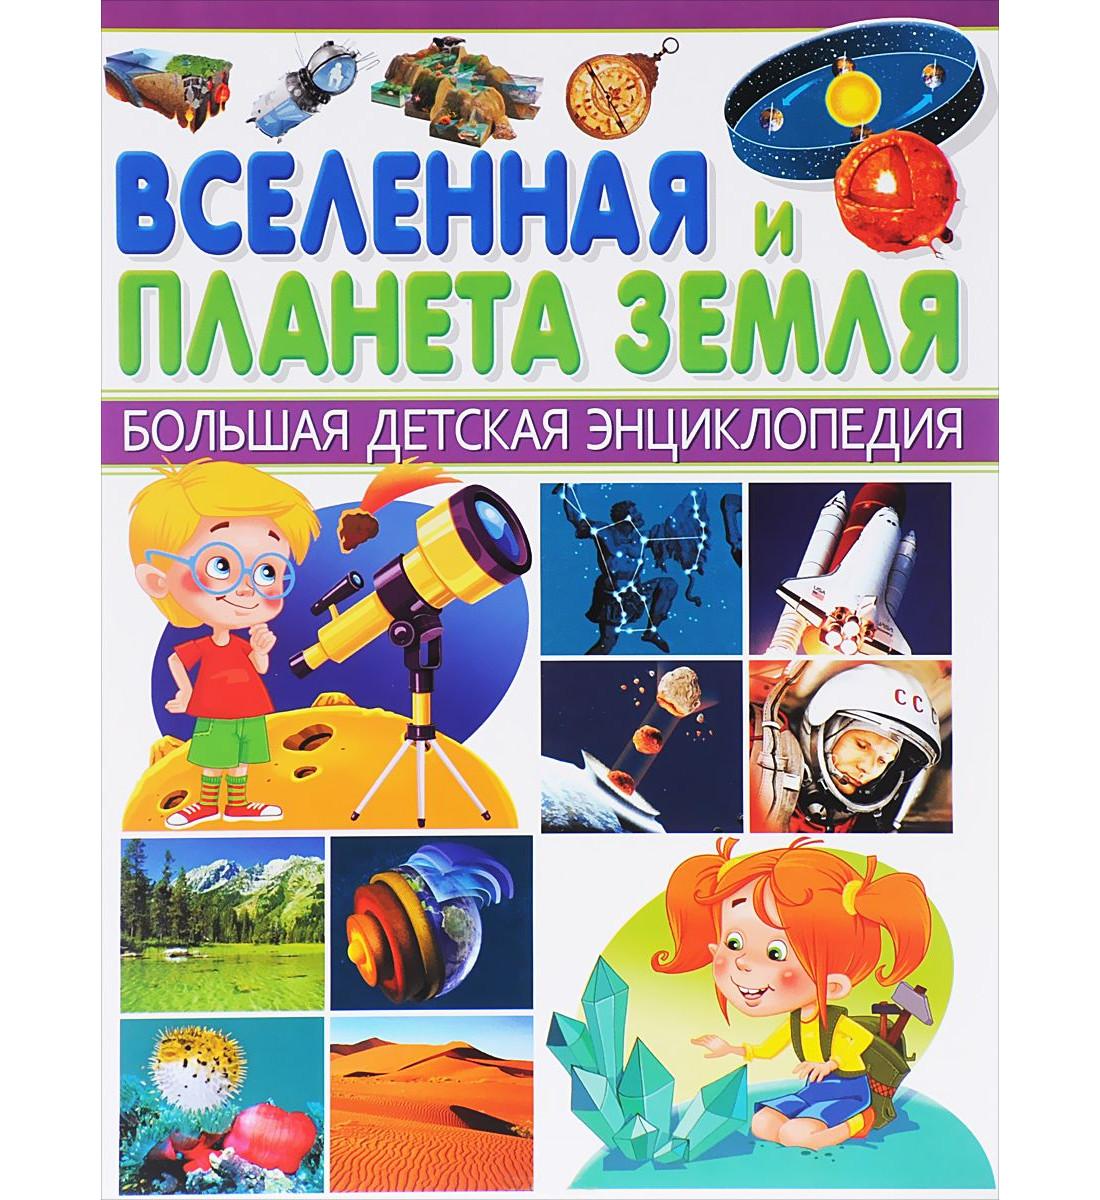 Энциклопедия Большая детская - Вселенная и планета ЗемляДля детей старшего возраста<br>Энциклопедия Большая детская - Вселенная и планета Земля<br>